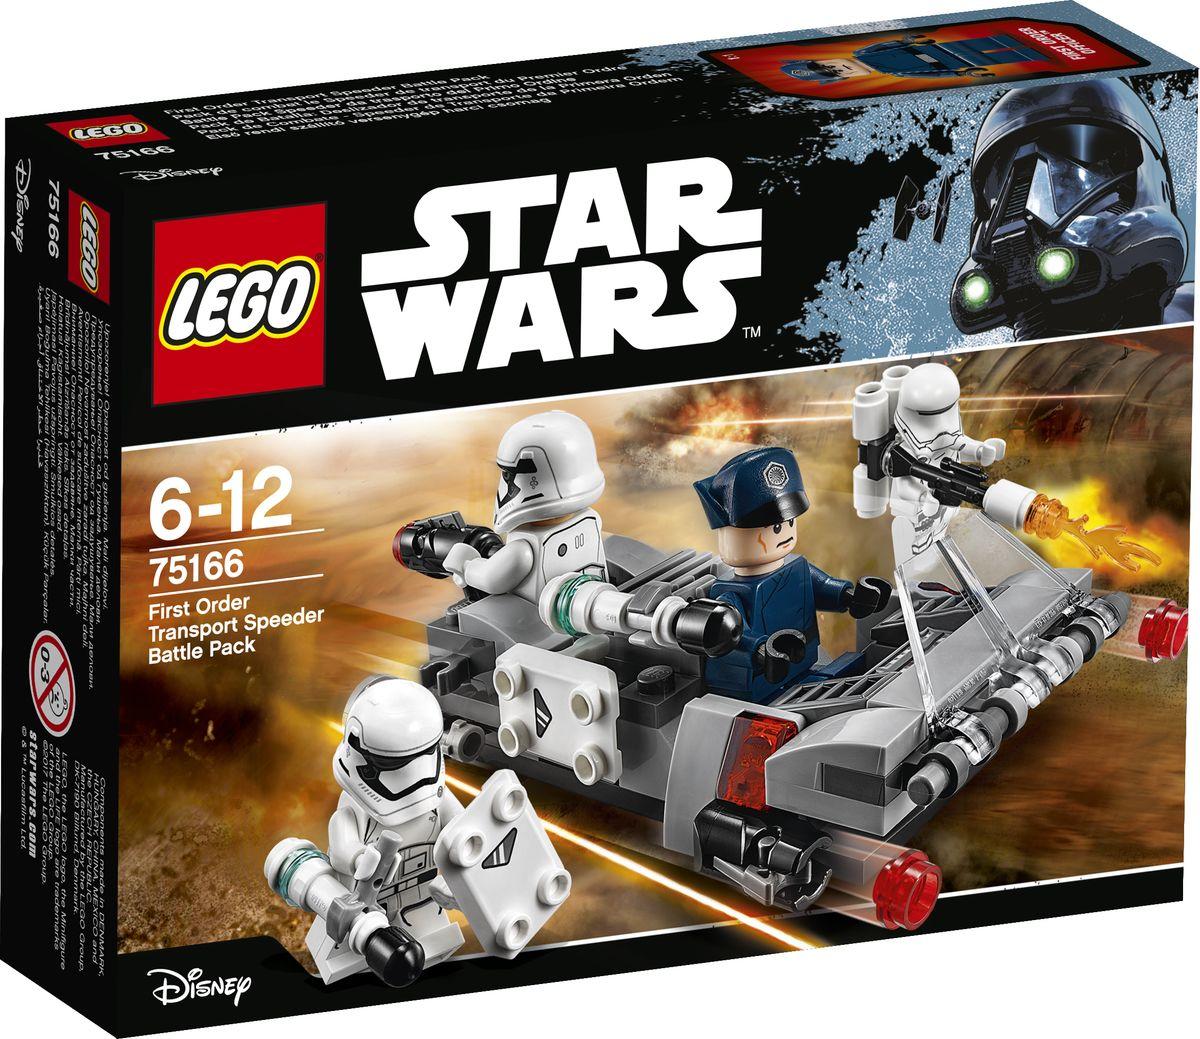 LEGO Star Wars Конструктор Спидер Первого ордена 75166 lego star wars 75166 лего звездные войны спидер первого ордена